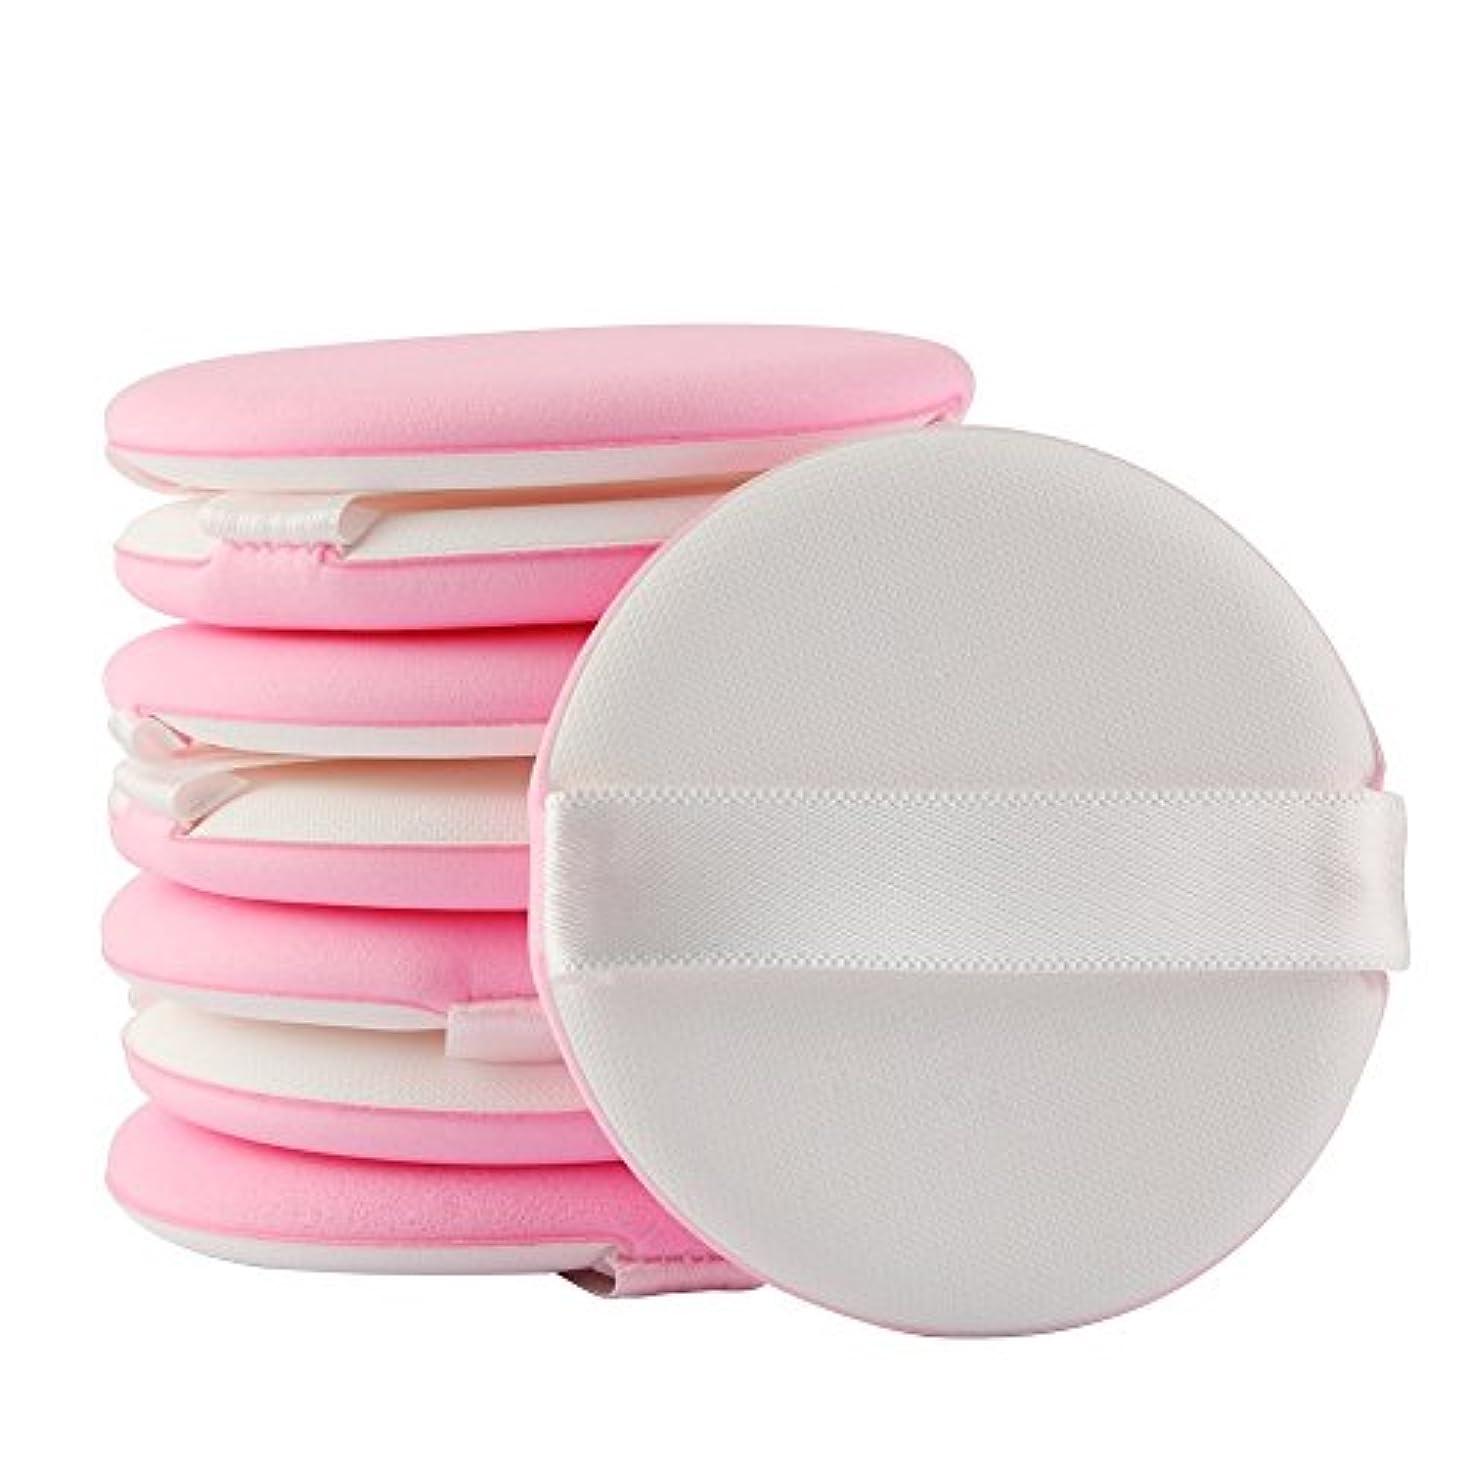 コマースプライバシー相反するエアパフ YOKINO エアクッションパフ クリーム アプリケーター スポンジ パフ フェイシャル 8個 ケース入り (ピンク)